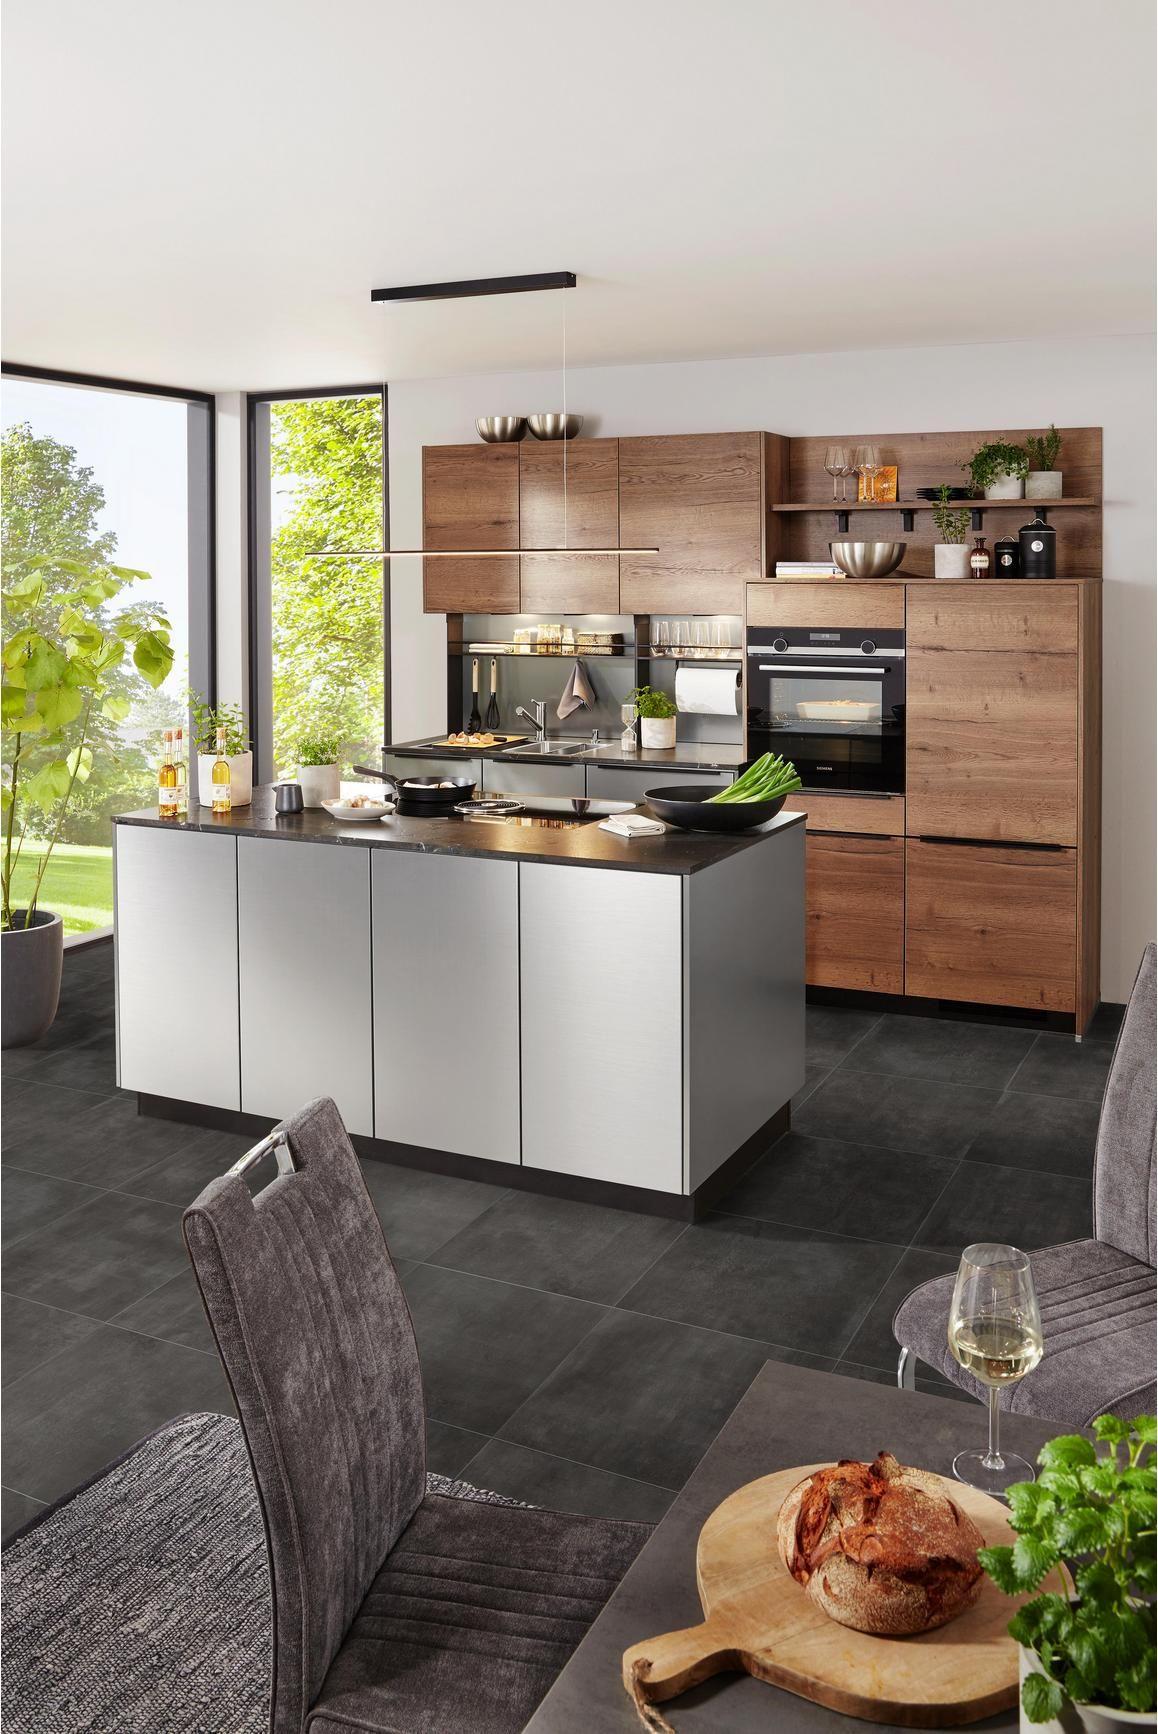 Full Size of Einbauküche Kaufen Ebay Kleinanzeigen Gebraucht Einbauküche Kaufen Einbauküche Kaufen Deutschland Einbauküche Kaufen Roller Küche Einbauküche Kaufen